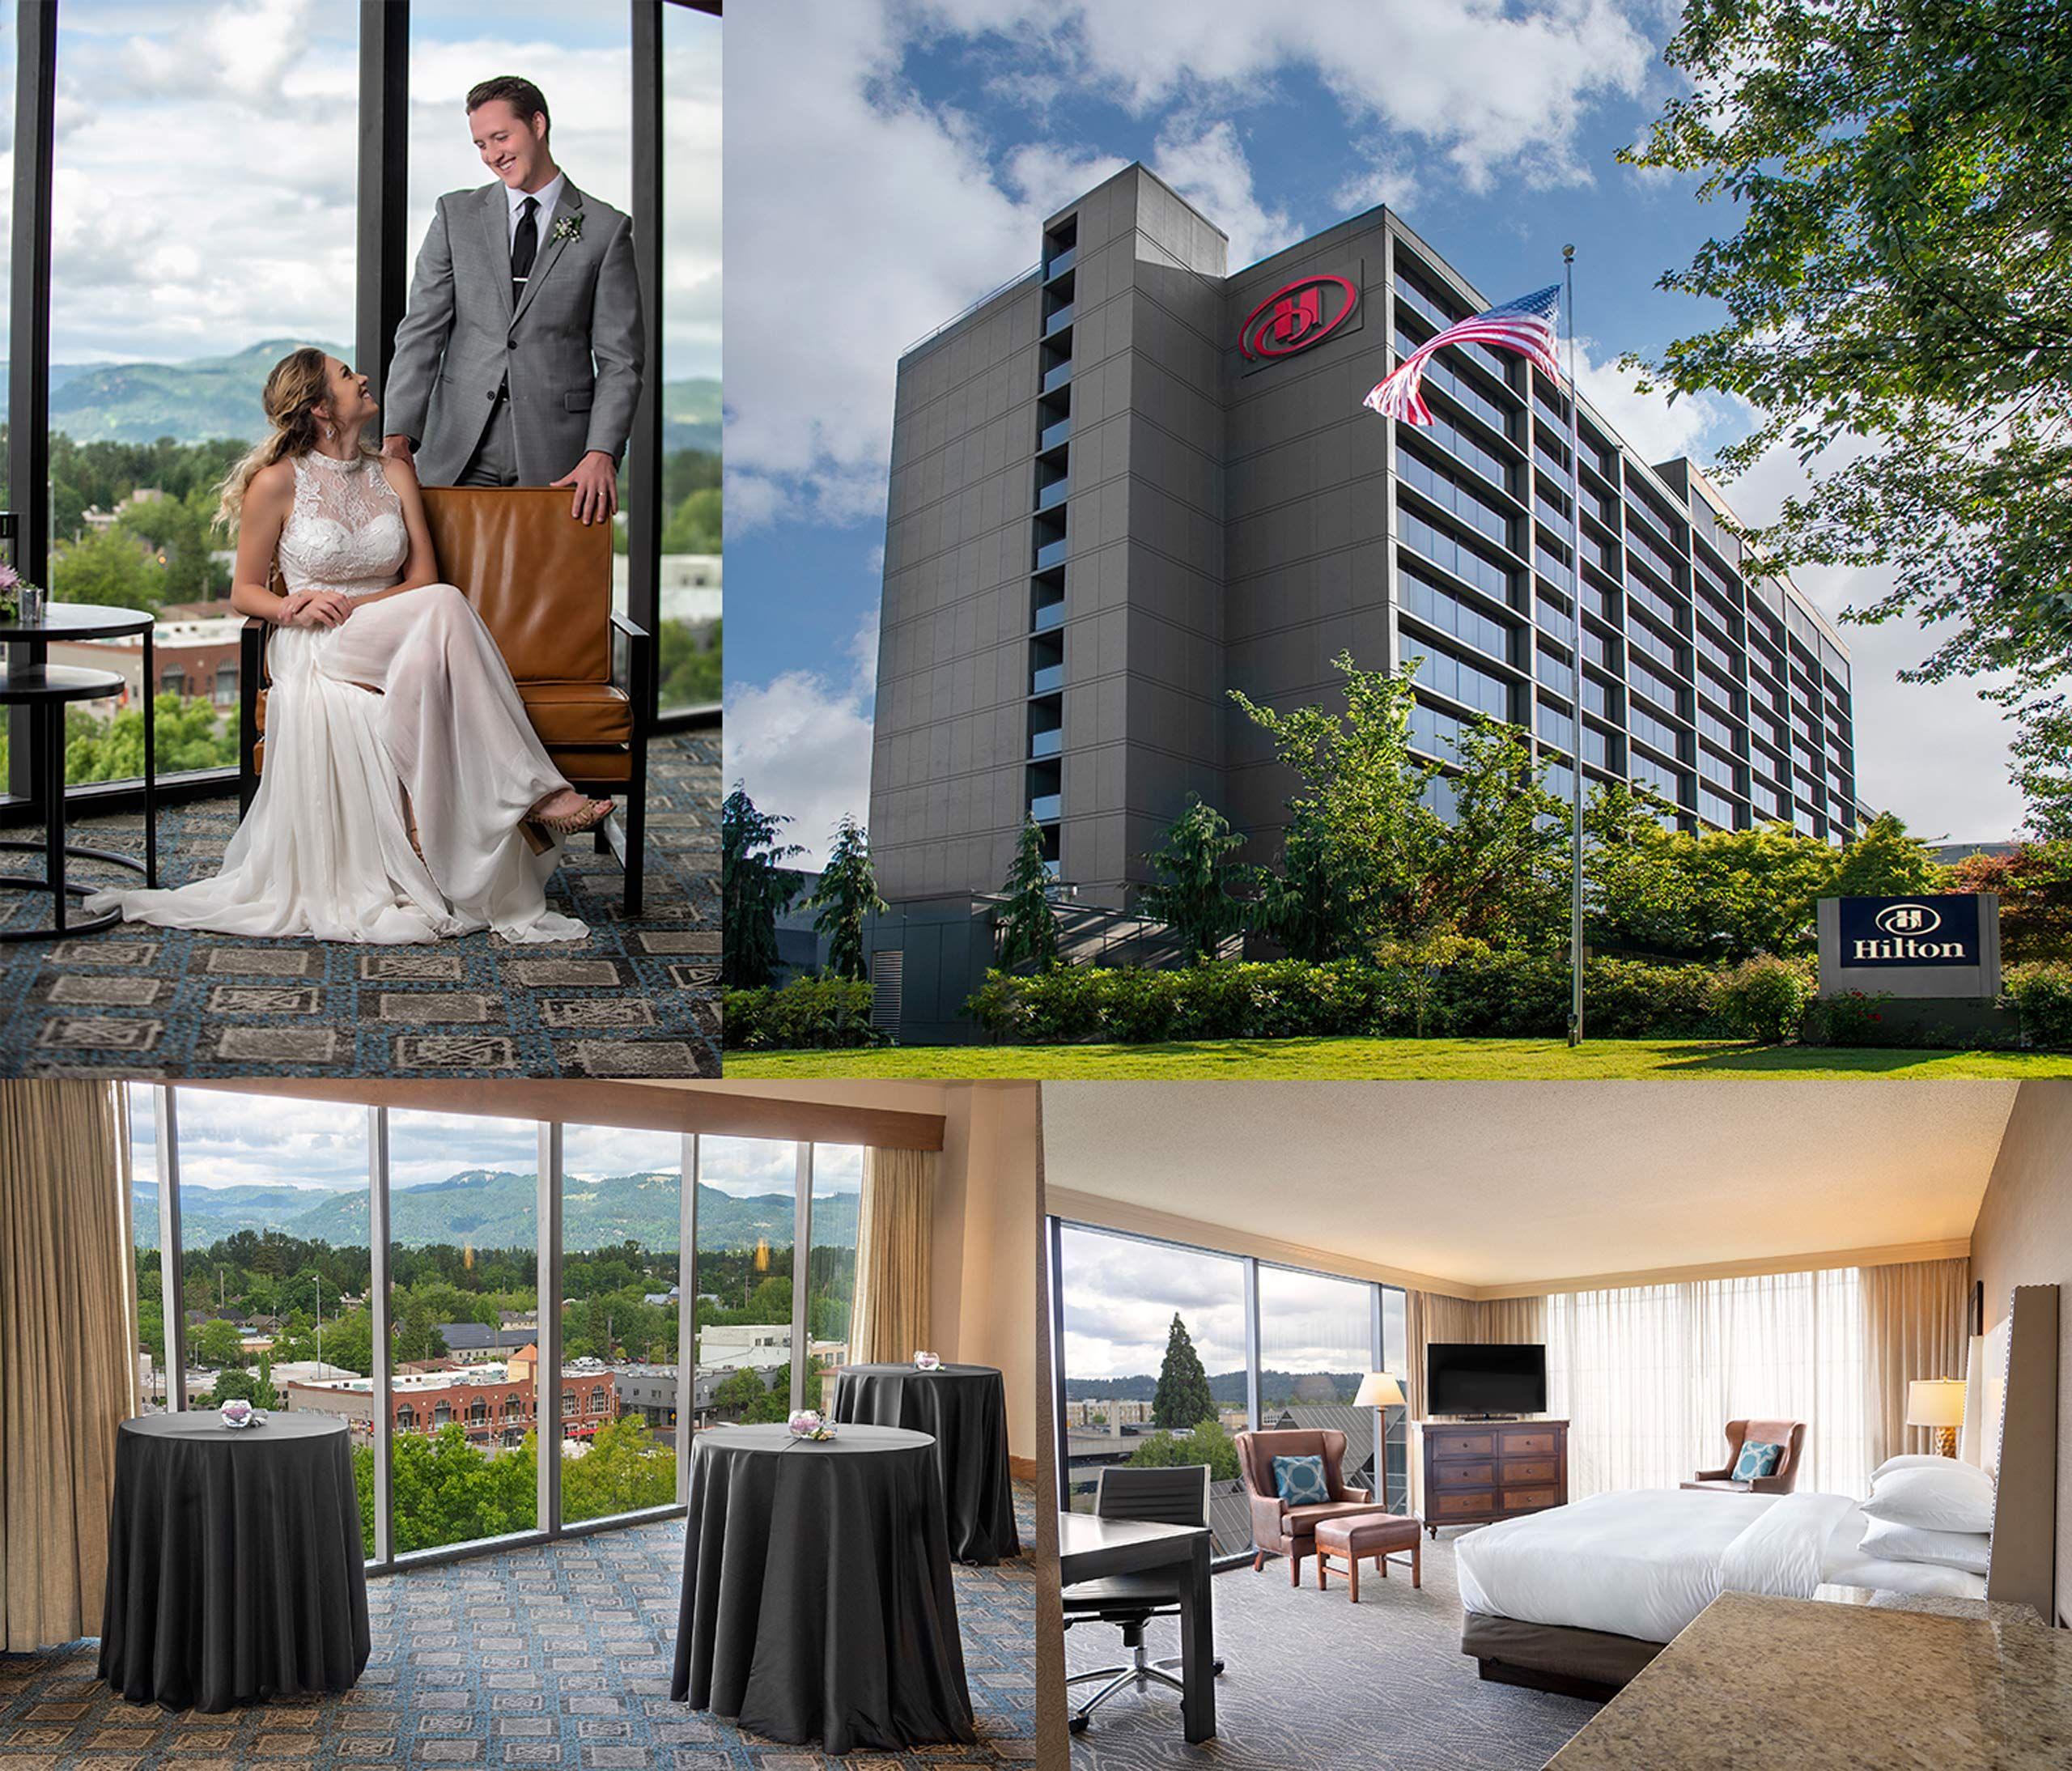 Sampling of Imagery Shot for the Hilton Eugene